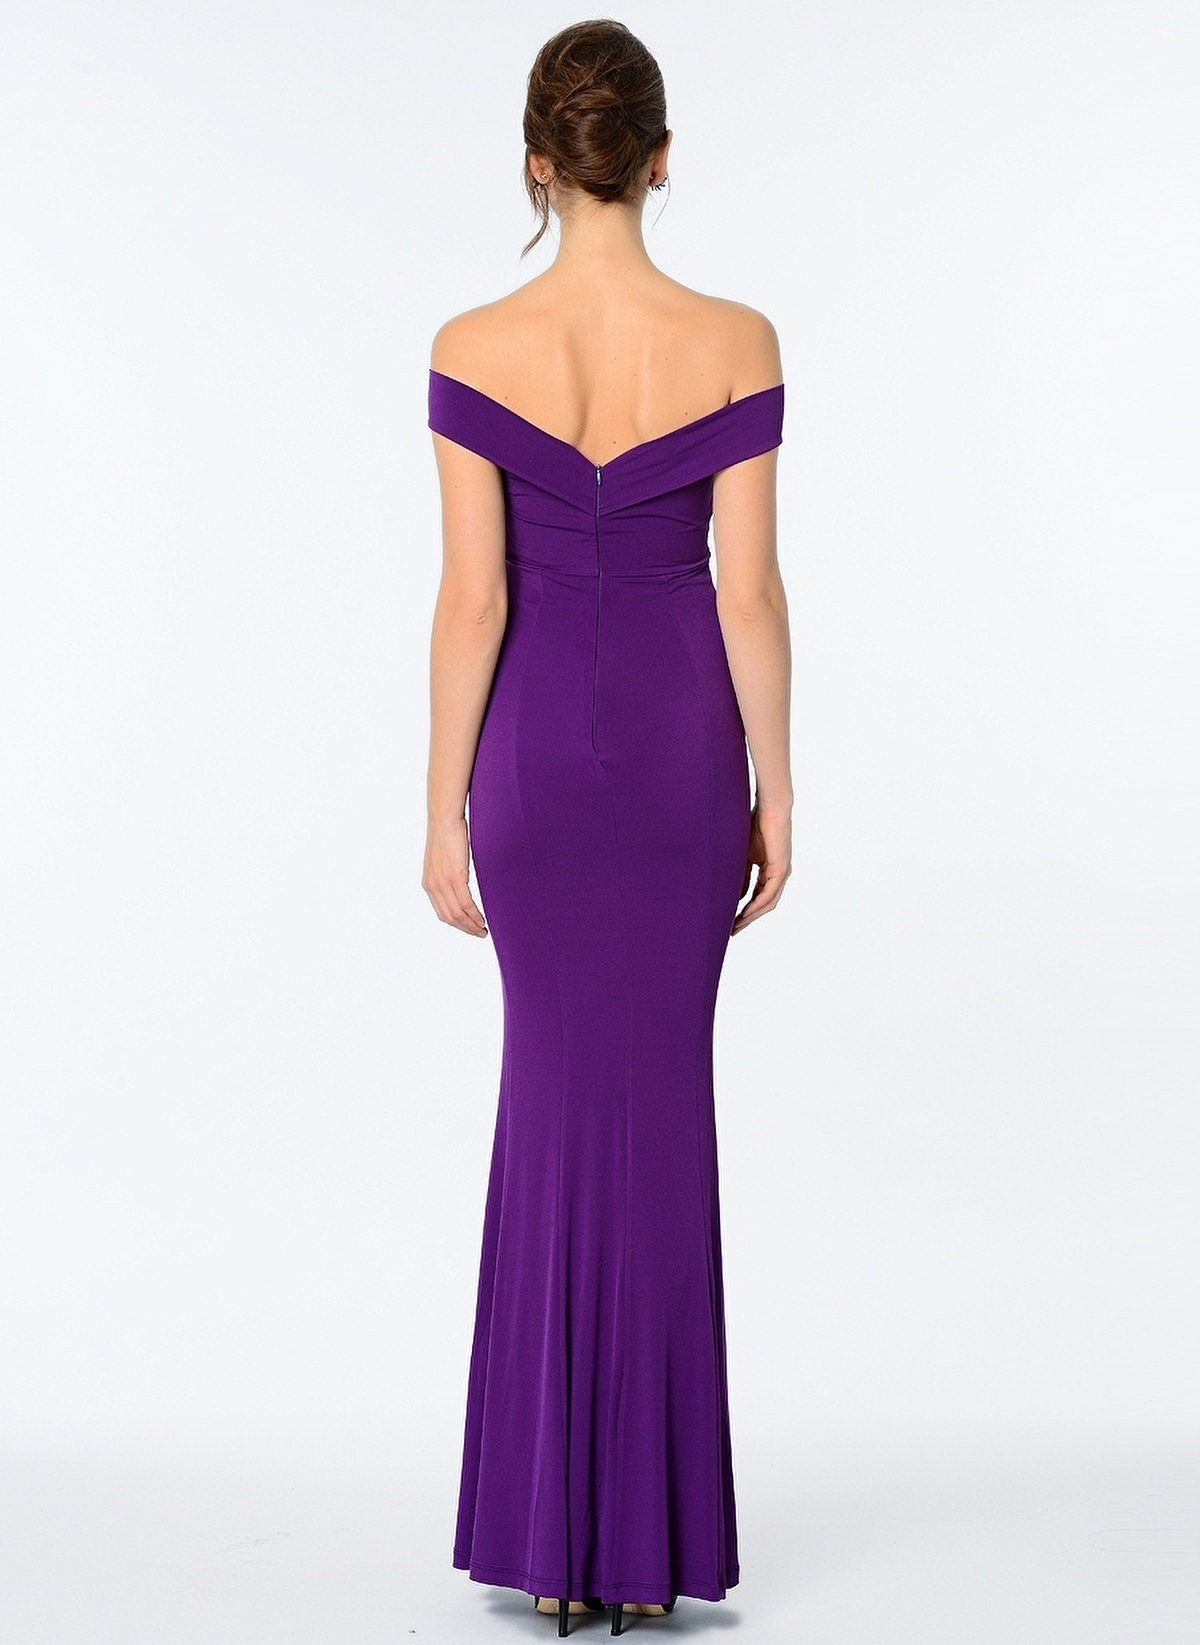 Mor elbise, kıyafet, ayakkabı ve takı modelleri